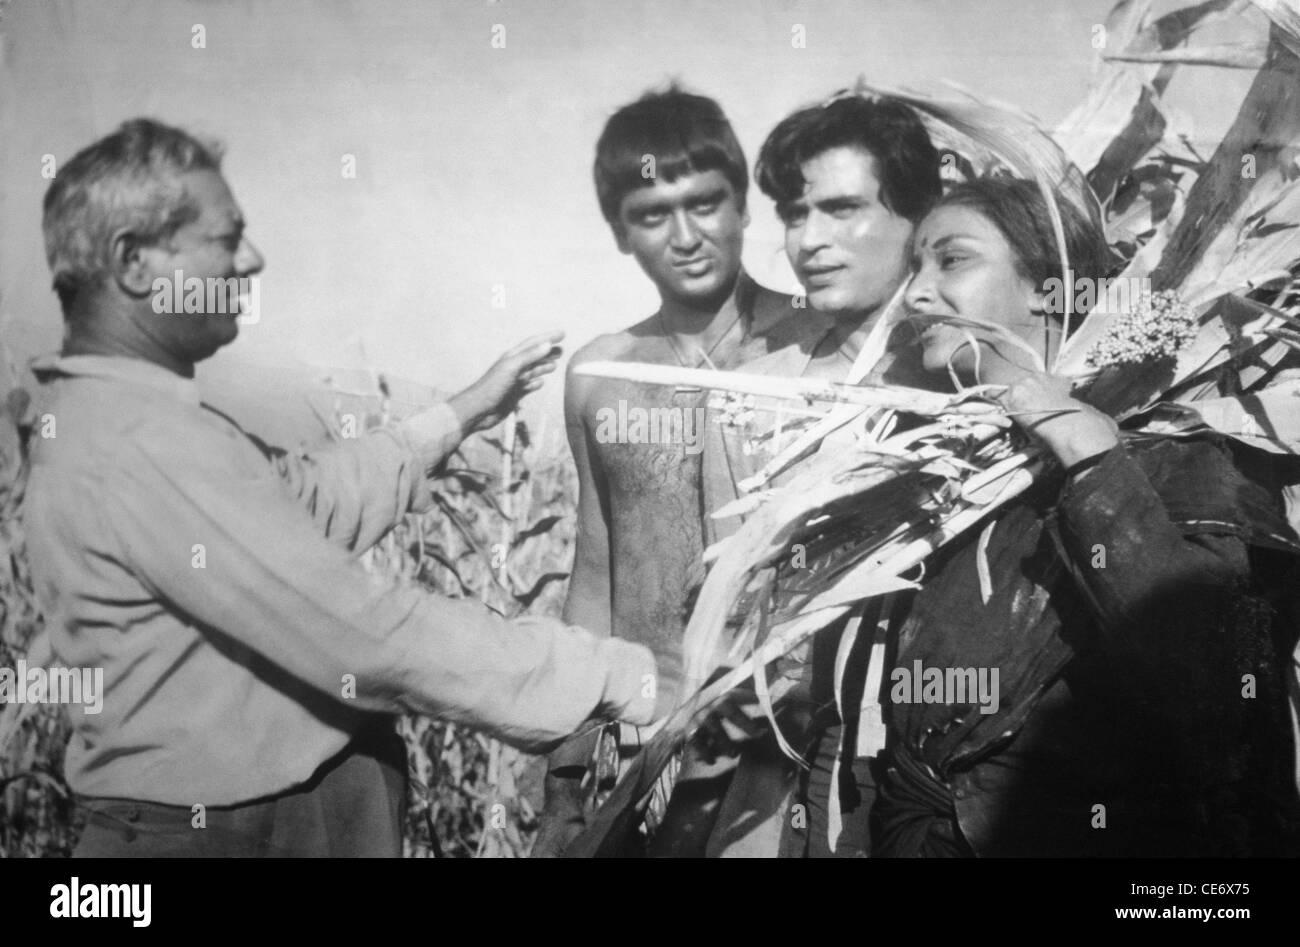 rajendra kumar family photos wwwpixsharkcom images